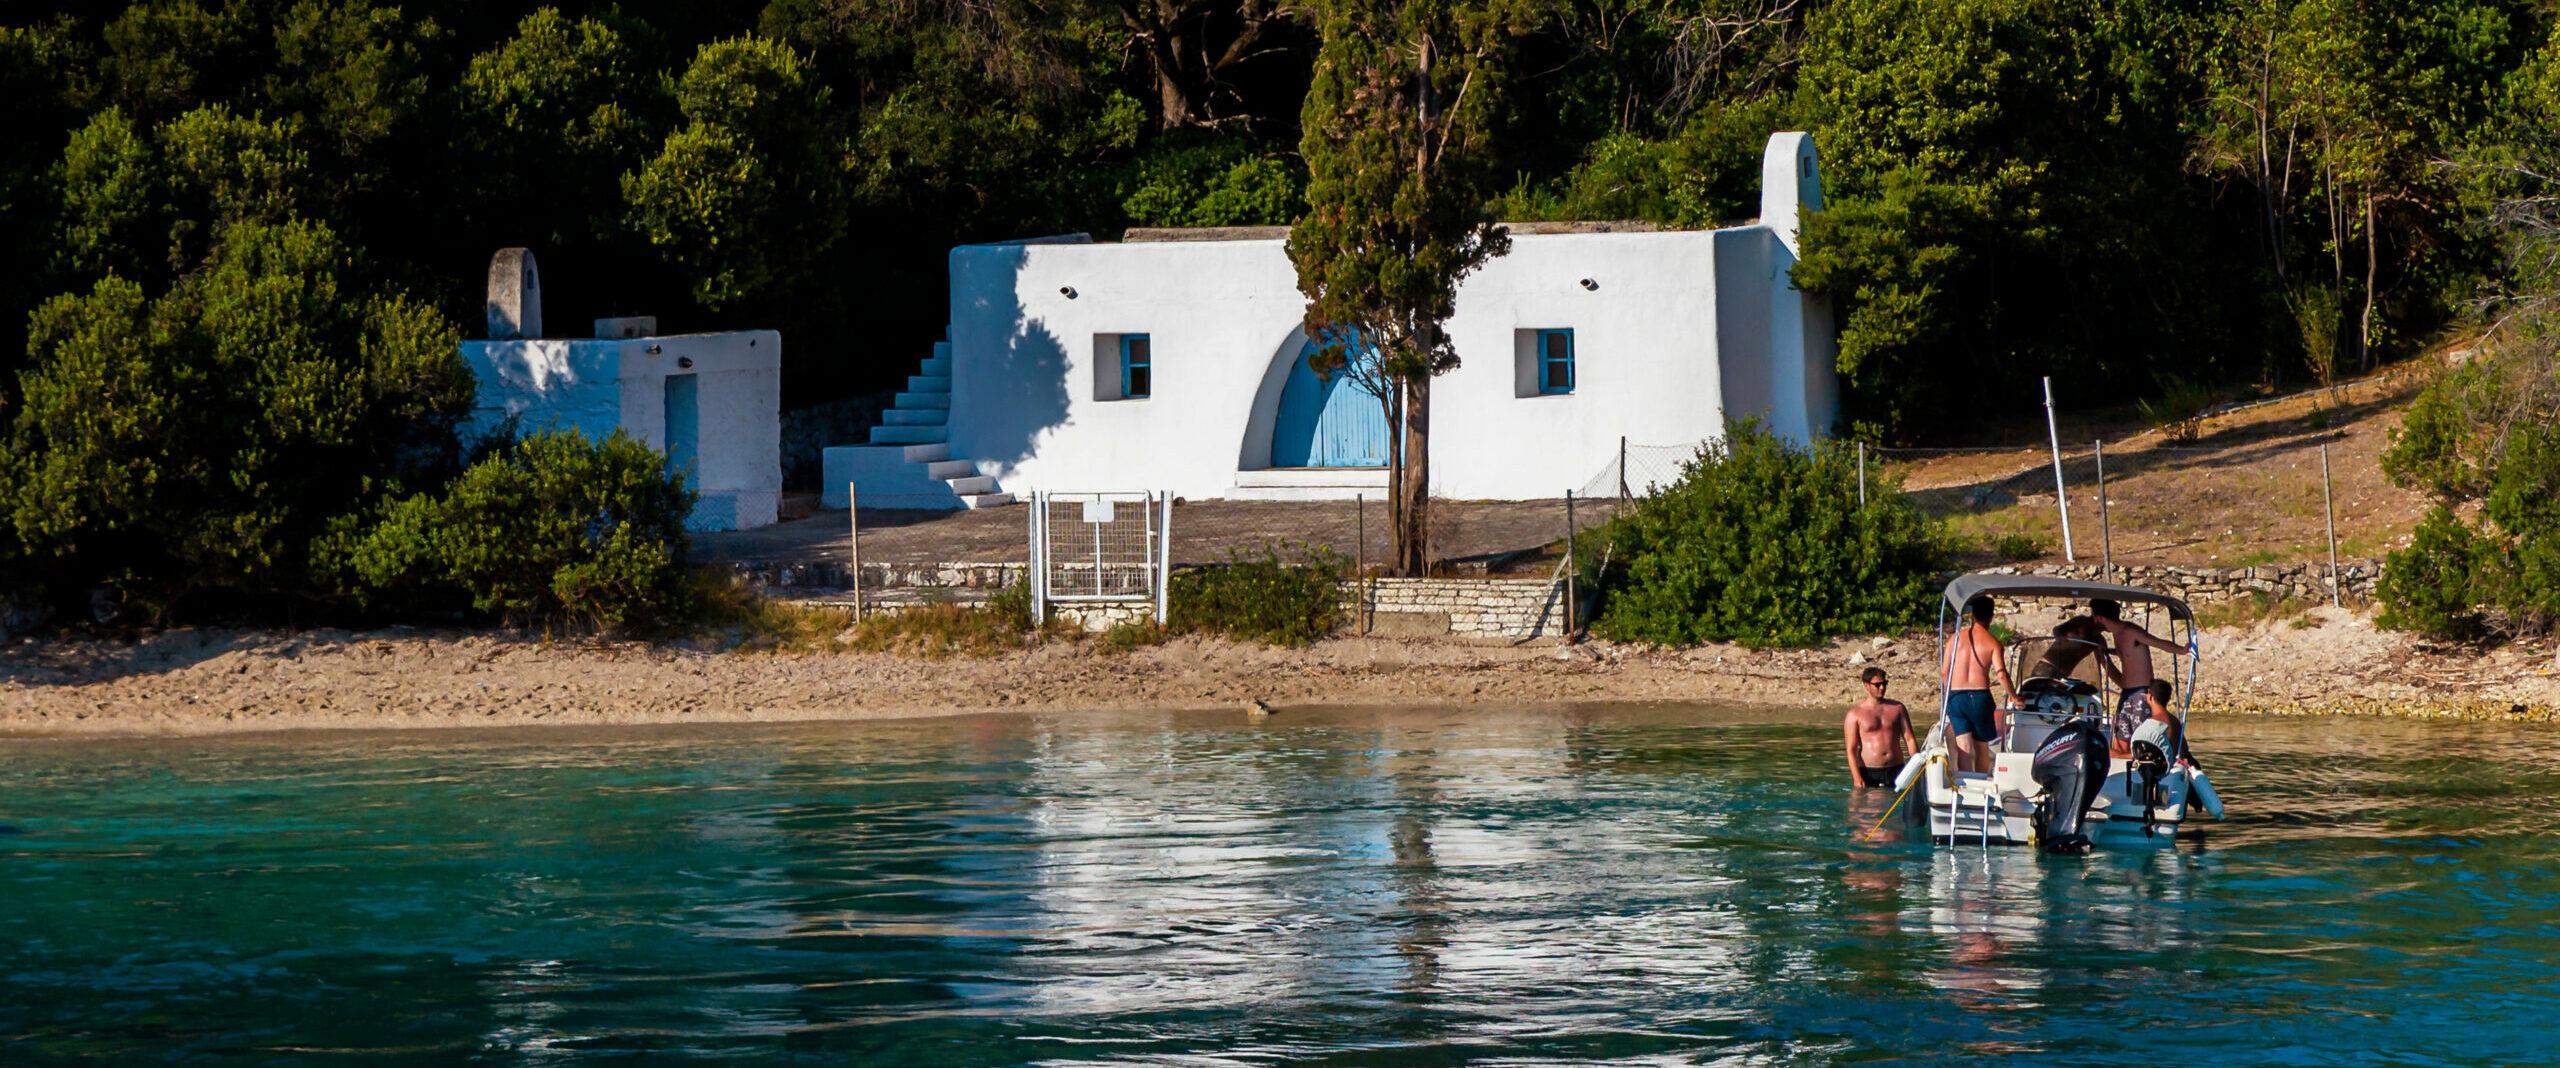 Scorpio: A world-renown Greek beach is being destroyed